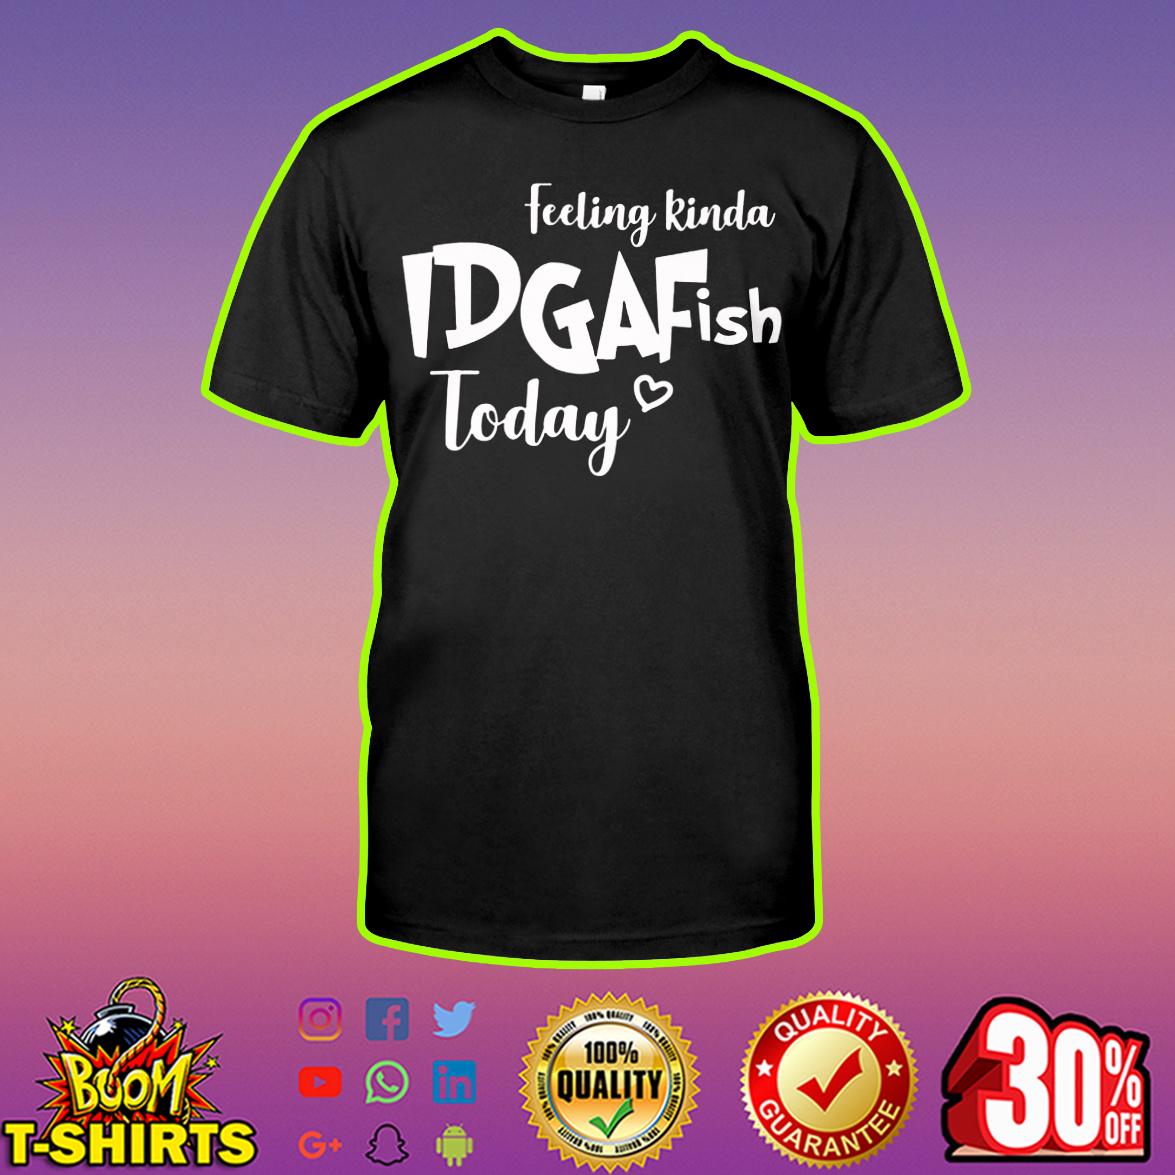 Feeling kinda IDGAFish today shirt